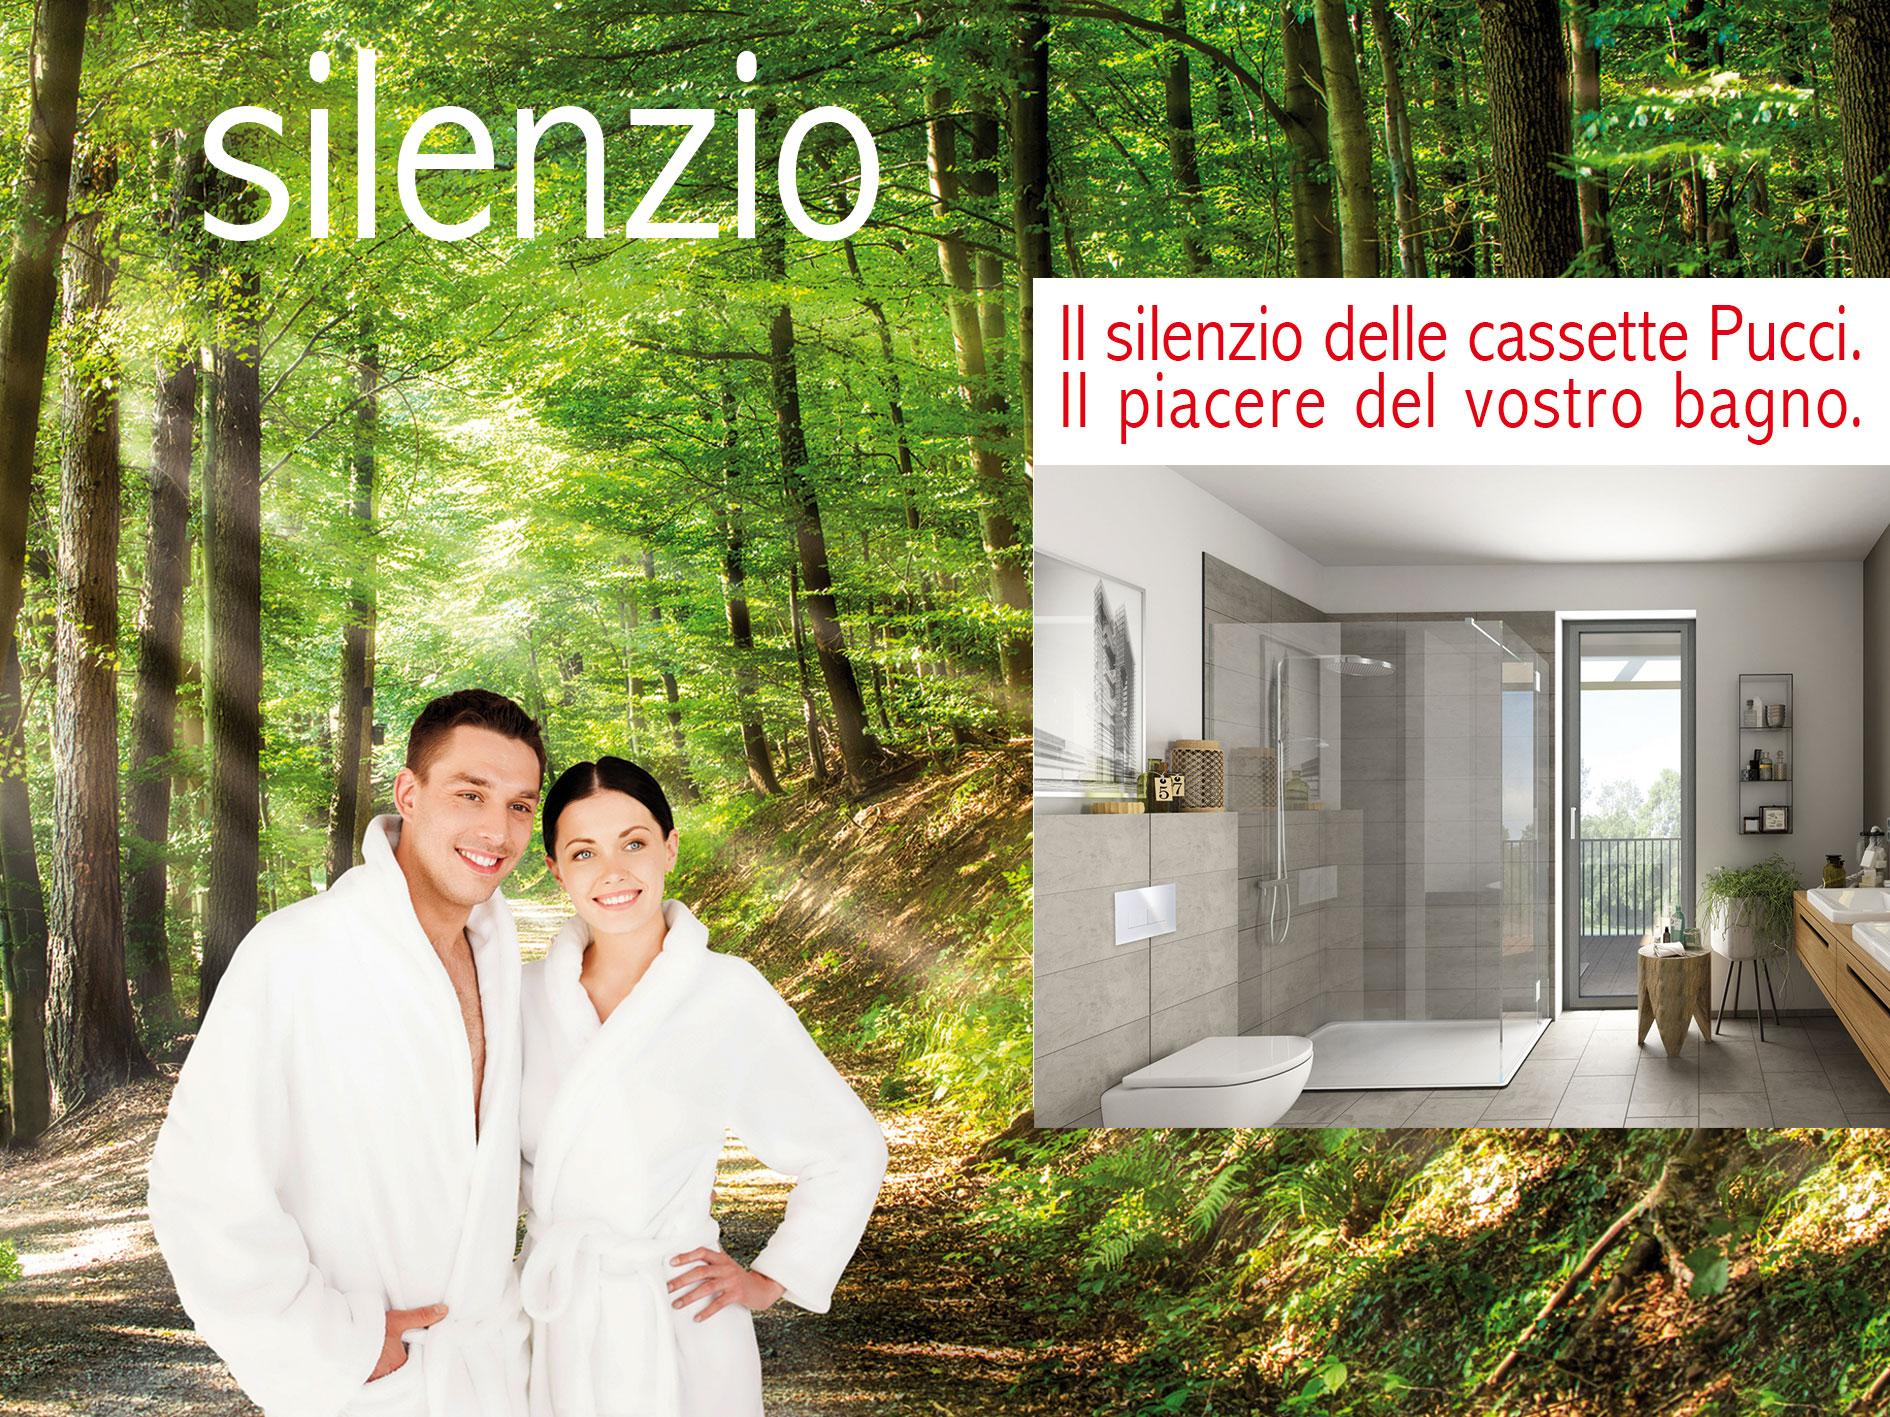 Il silenzio delle cassette Pucci. Il piacere del vostro bagno.